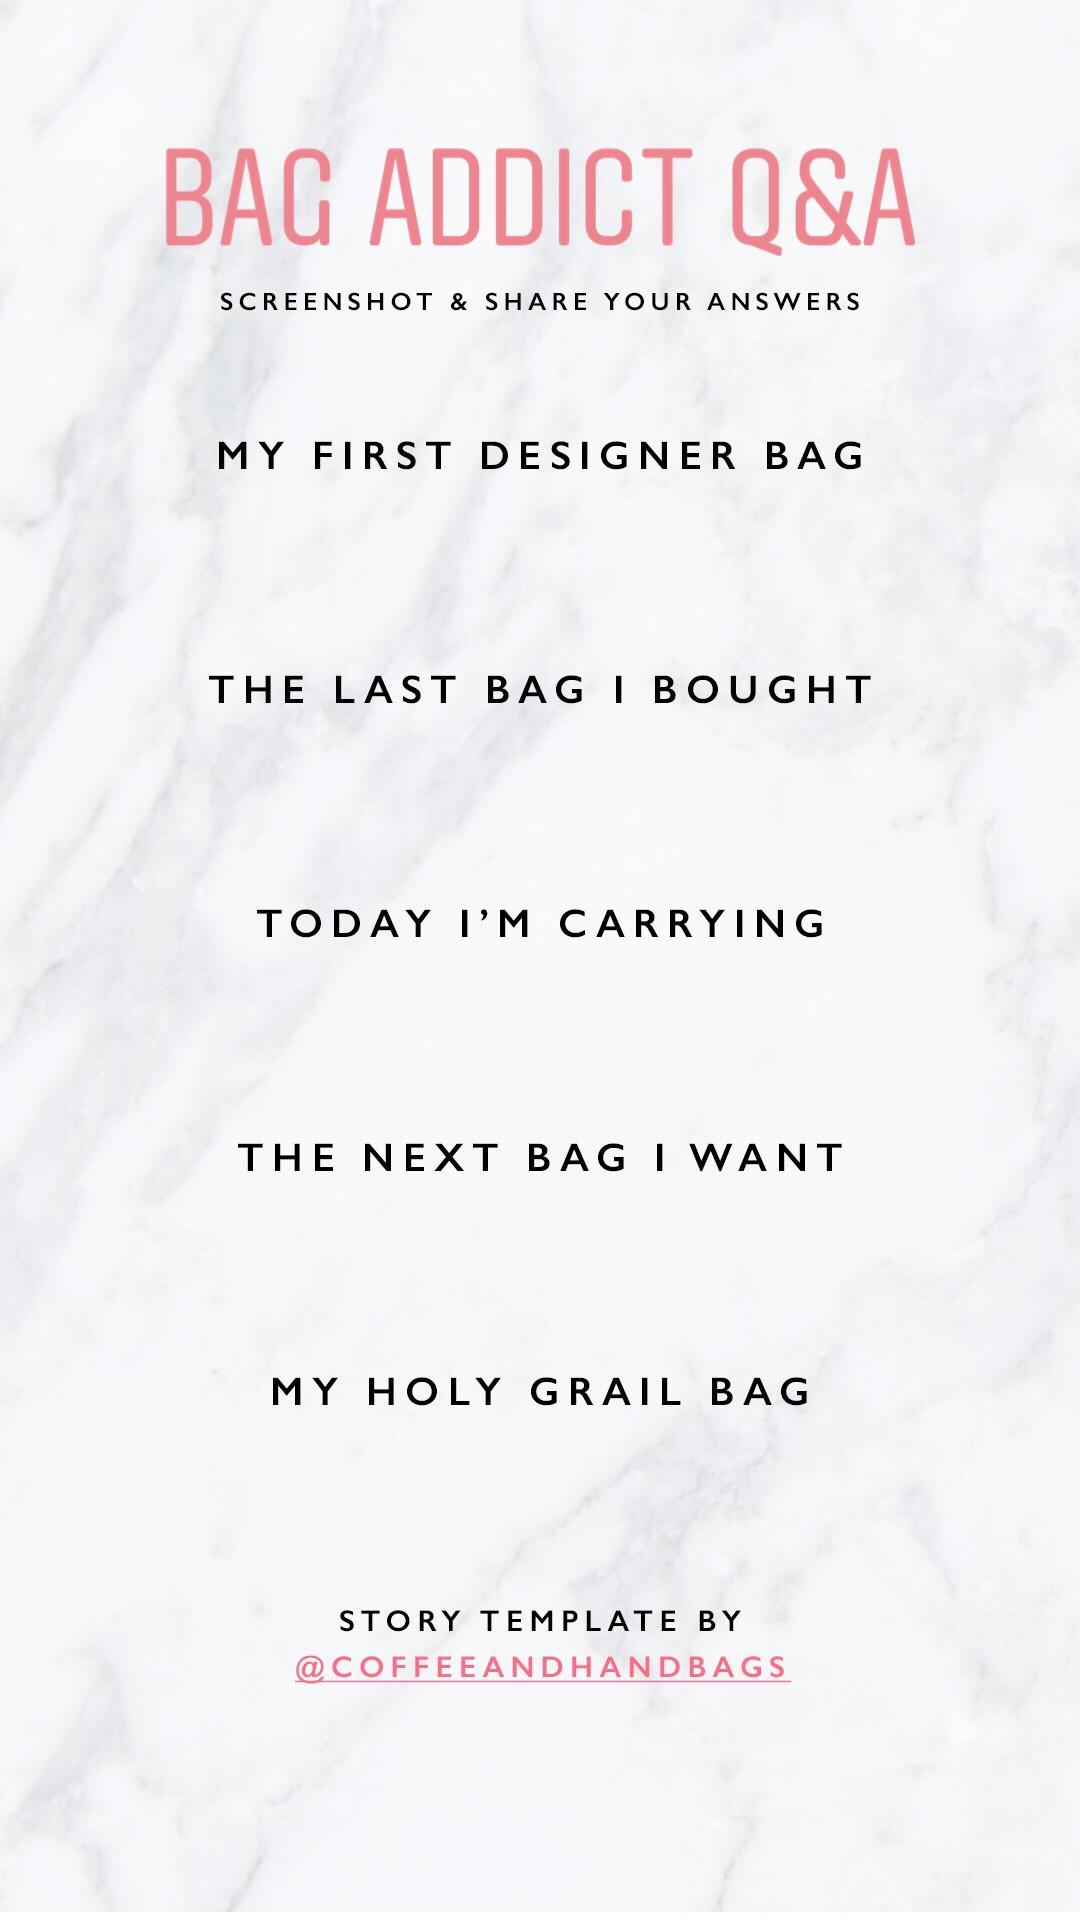 Instagram Story Template Bag Addict Q&A | CoffeeAndHandbags.com